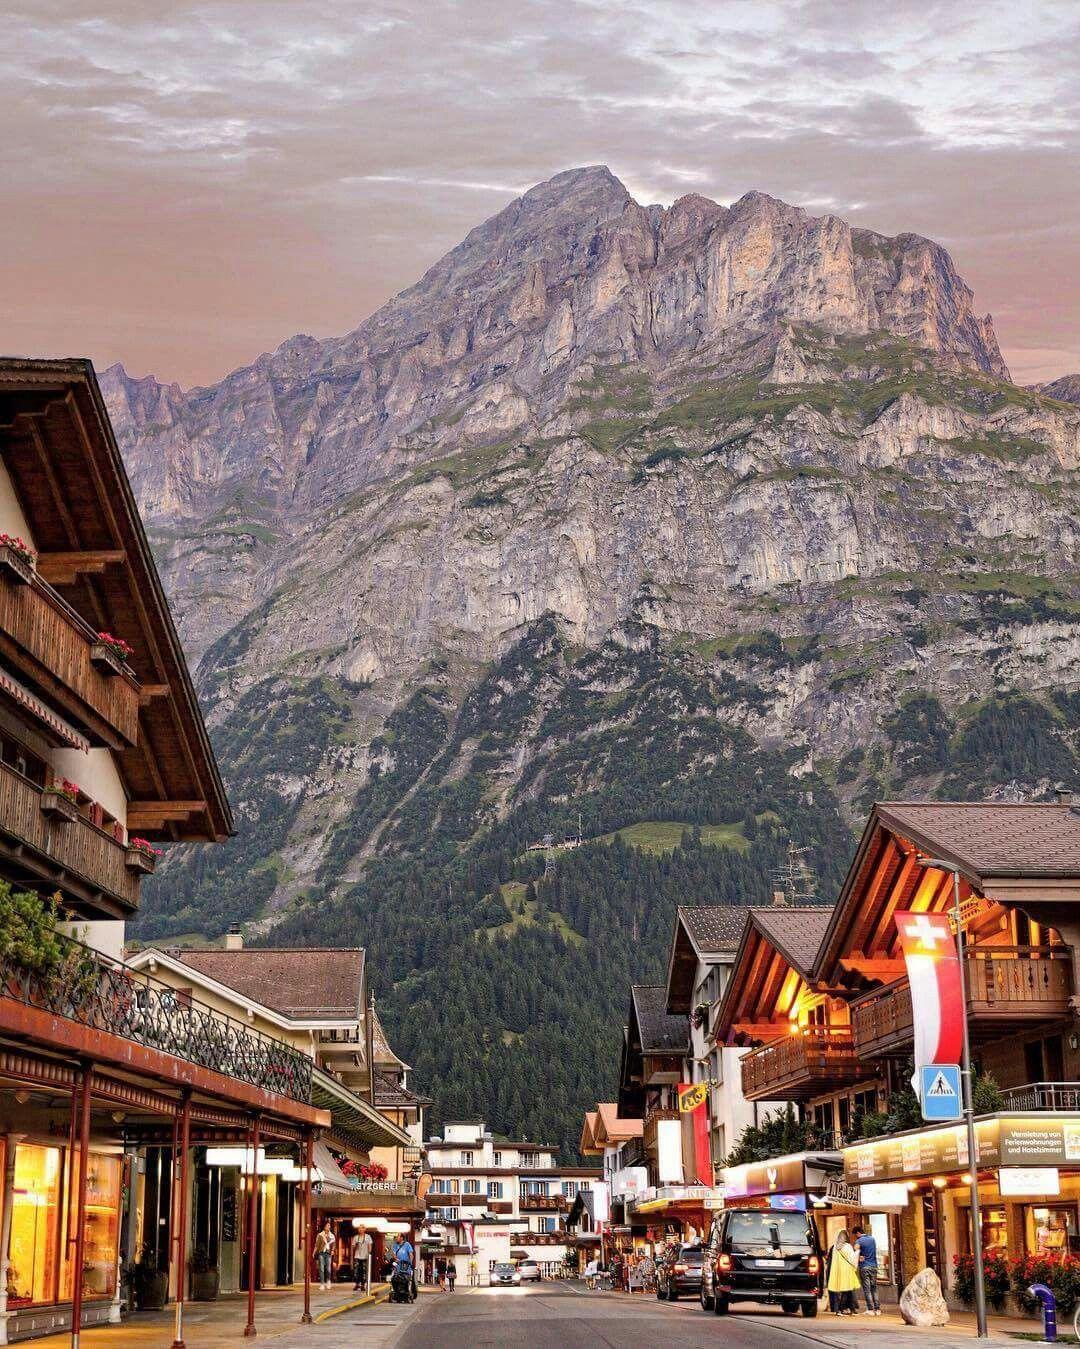 Places To Visit In Switzerland Blog: Grindelwald - Switzerland. ��: Senna Relax